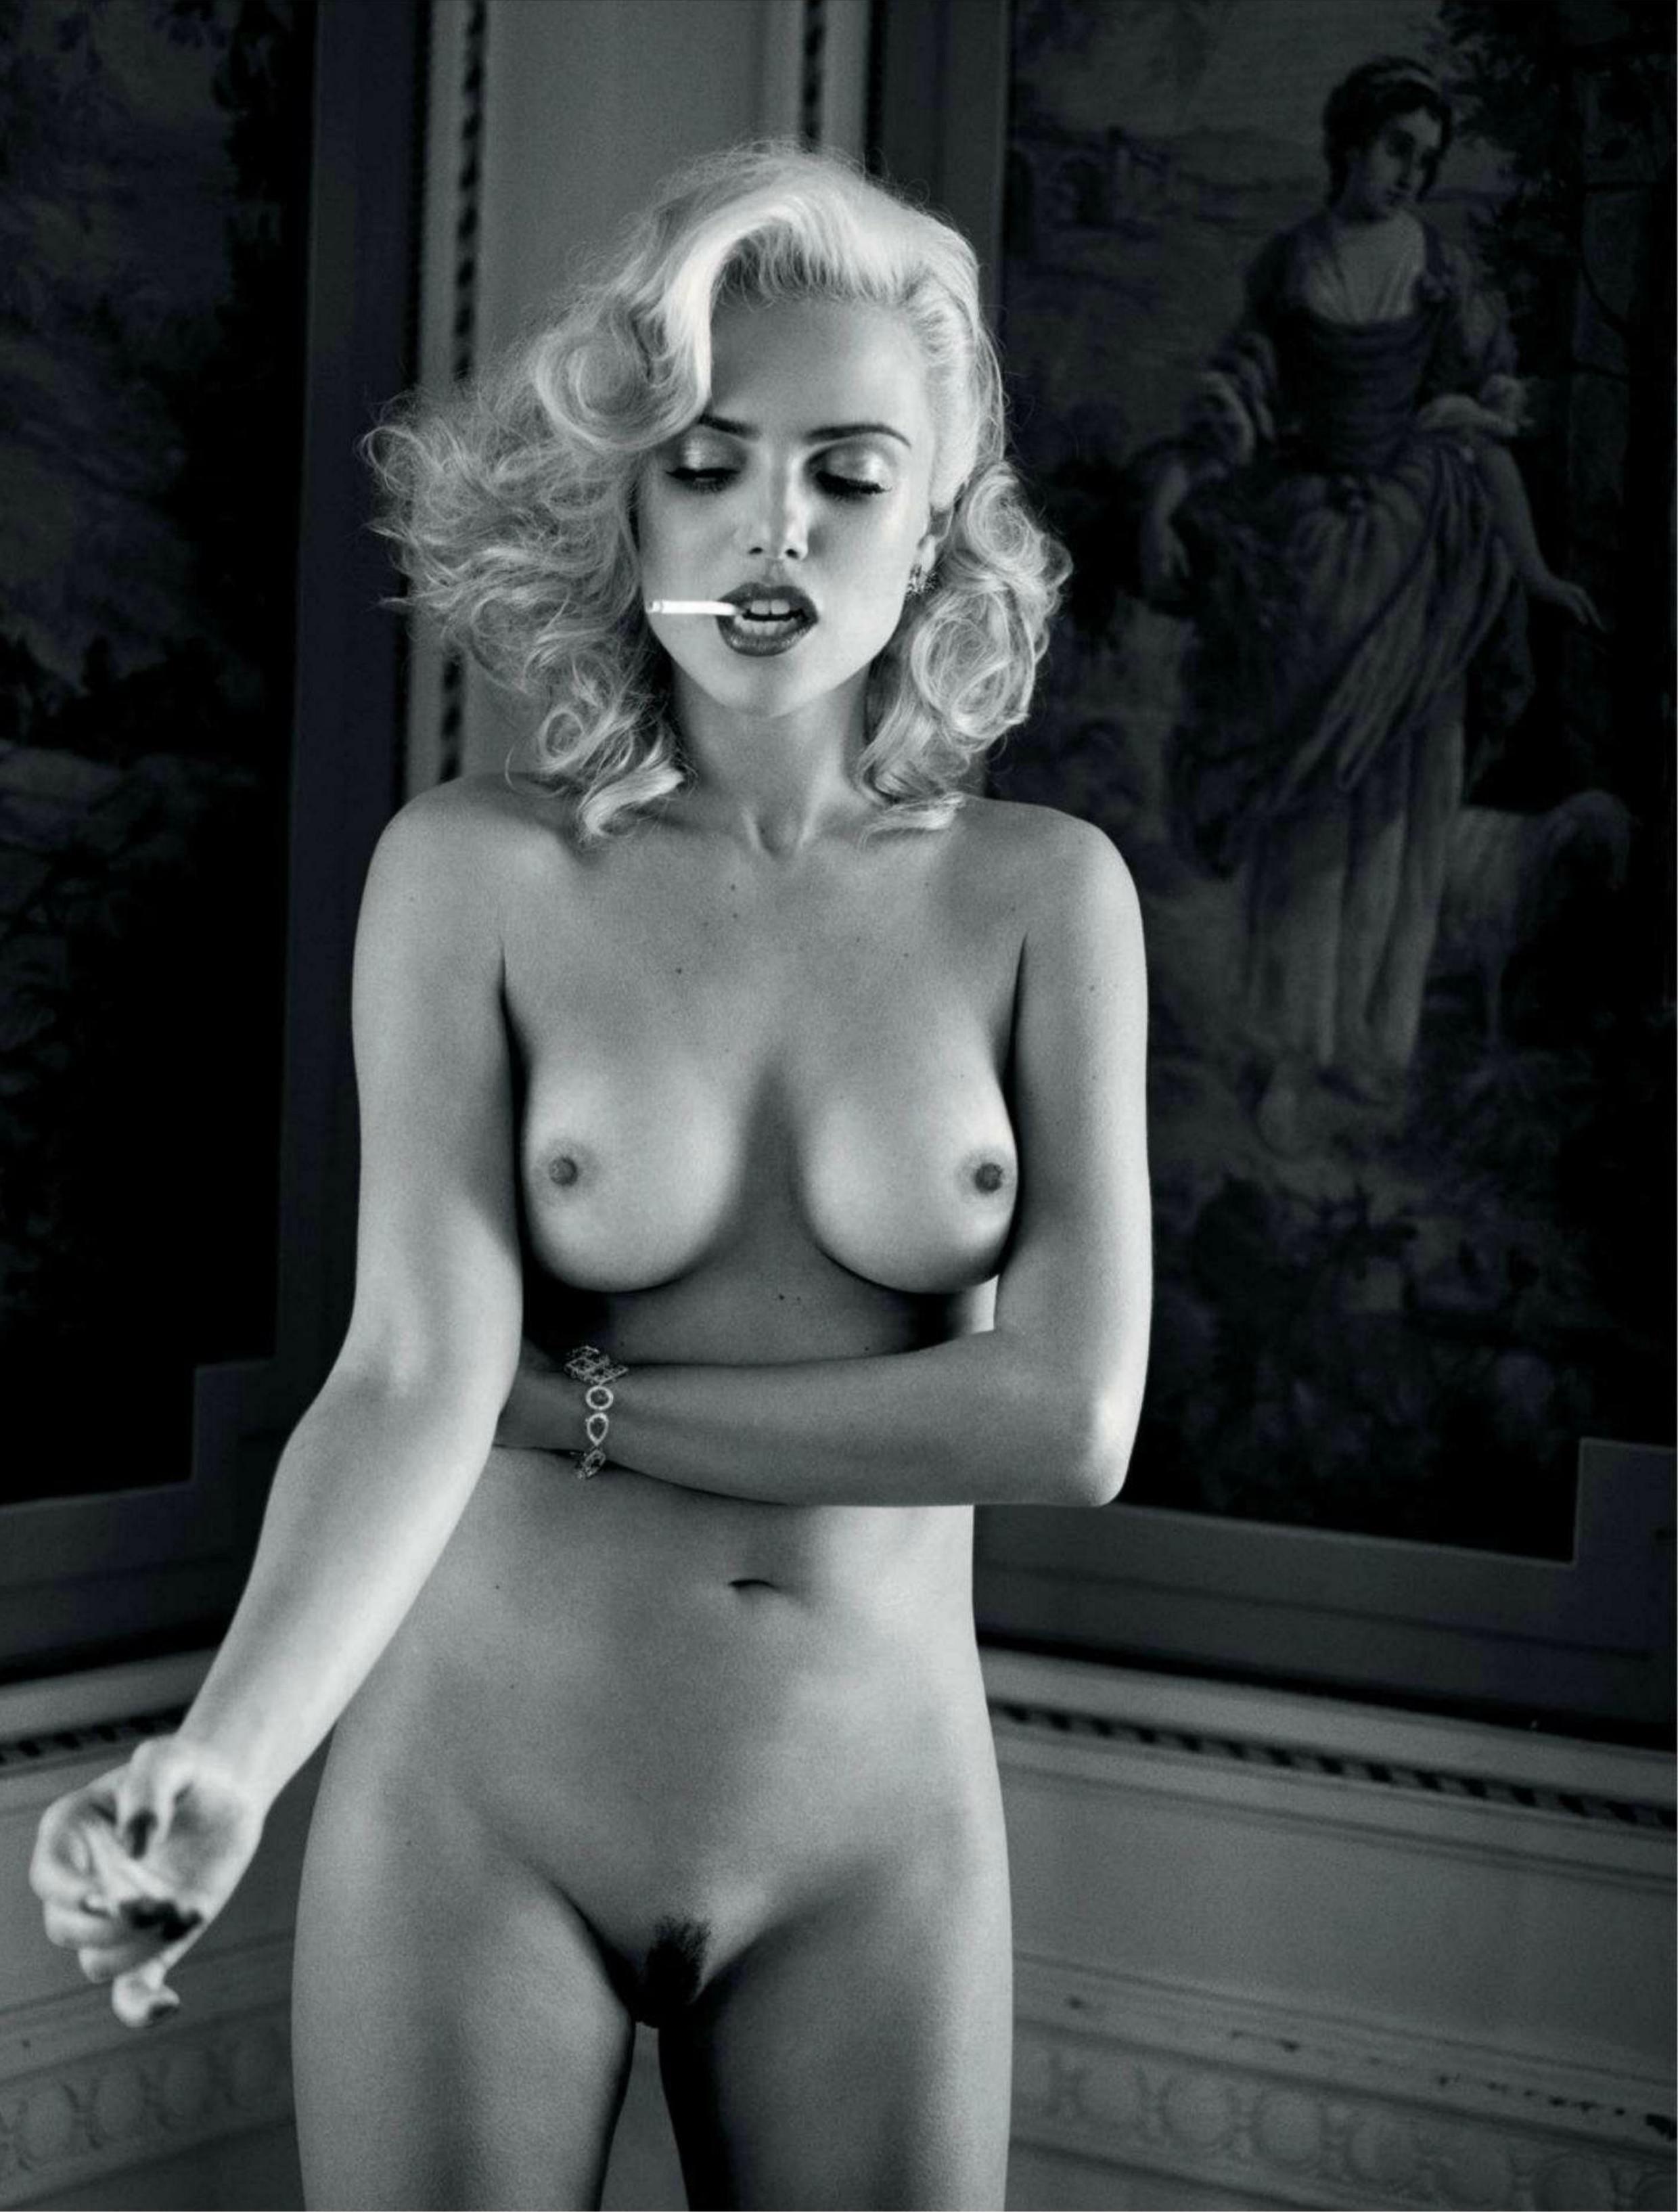 Чукчанка голая фото 23 фотография